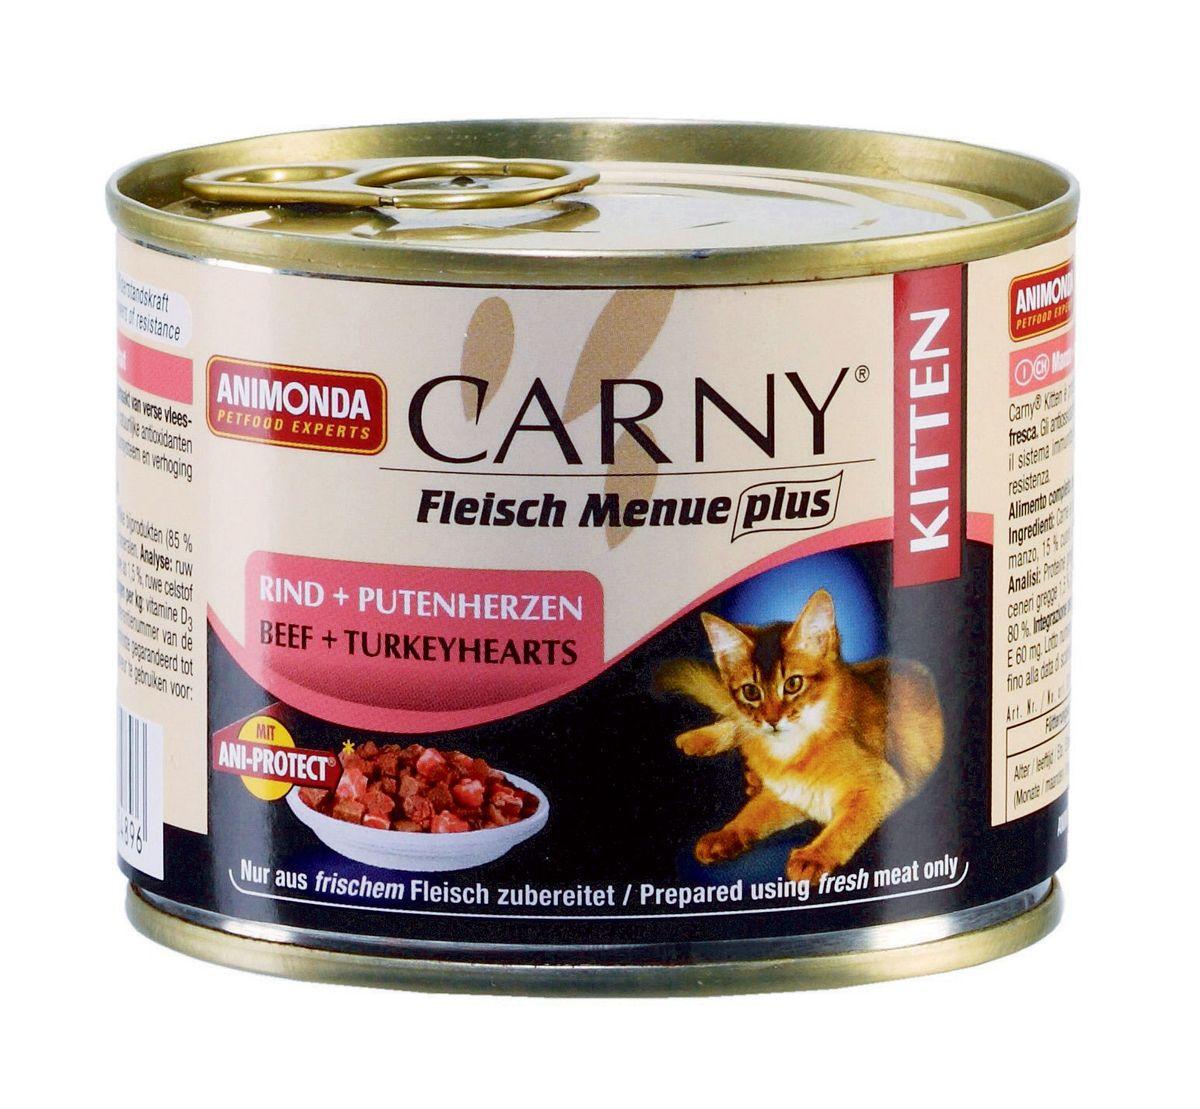 Консервы для котят Animonda Carny, с говядиной и сердцем индейки, 200 г47145Консервы Animonda Carny относят к супер премиум классу. Используются только высококачественные ингредиенты, без добавления искусственных красителей и консервантов. Это отличный выбор для котят в возрасте до 1 года. Консервы содержат все необходимые витамины и минералы. Состав: говядина 54% (говядина, сердце, легкие, почки, вымя), бульон 31%, сердце индейки 14%, карбонат кальция. Анализ: белок 11%, жир 5,5%, клетчатка 0,3%, зола 1,5%, влажность 80%. Добавки (на 1 кг продукта): витамин D3 200 МЕ, витамин Е (a-токоферол) 60 мг. Вес: 200 г. Товар сертифицирован.